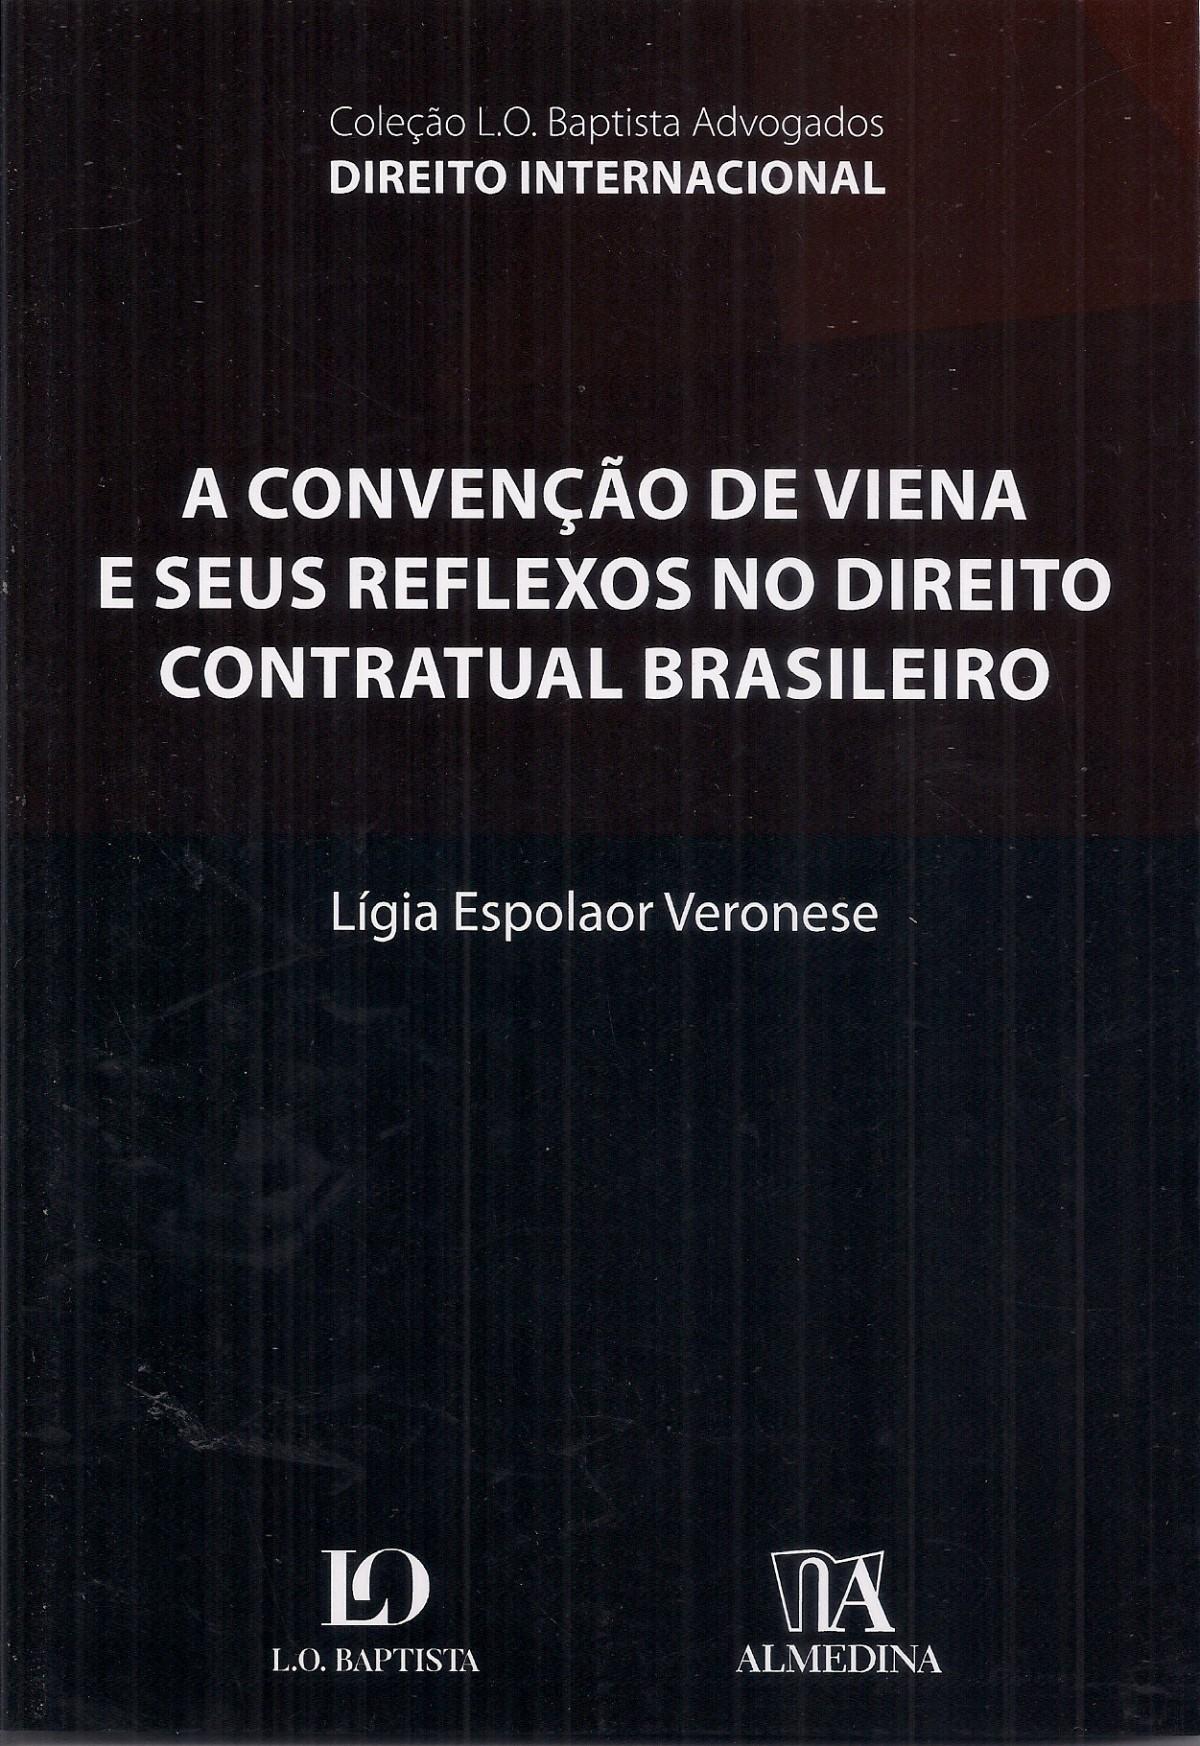 Foto 1 - A Convenção de Viena e seus Reflexos no Direito Contratual Brasileiro